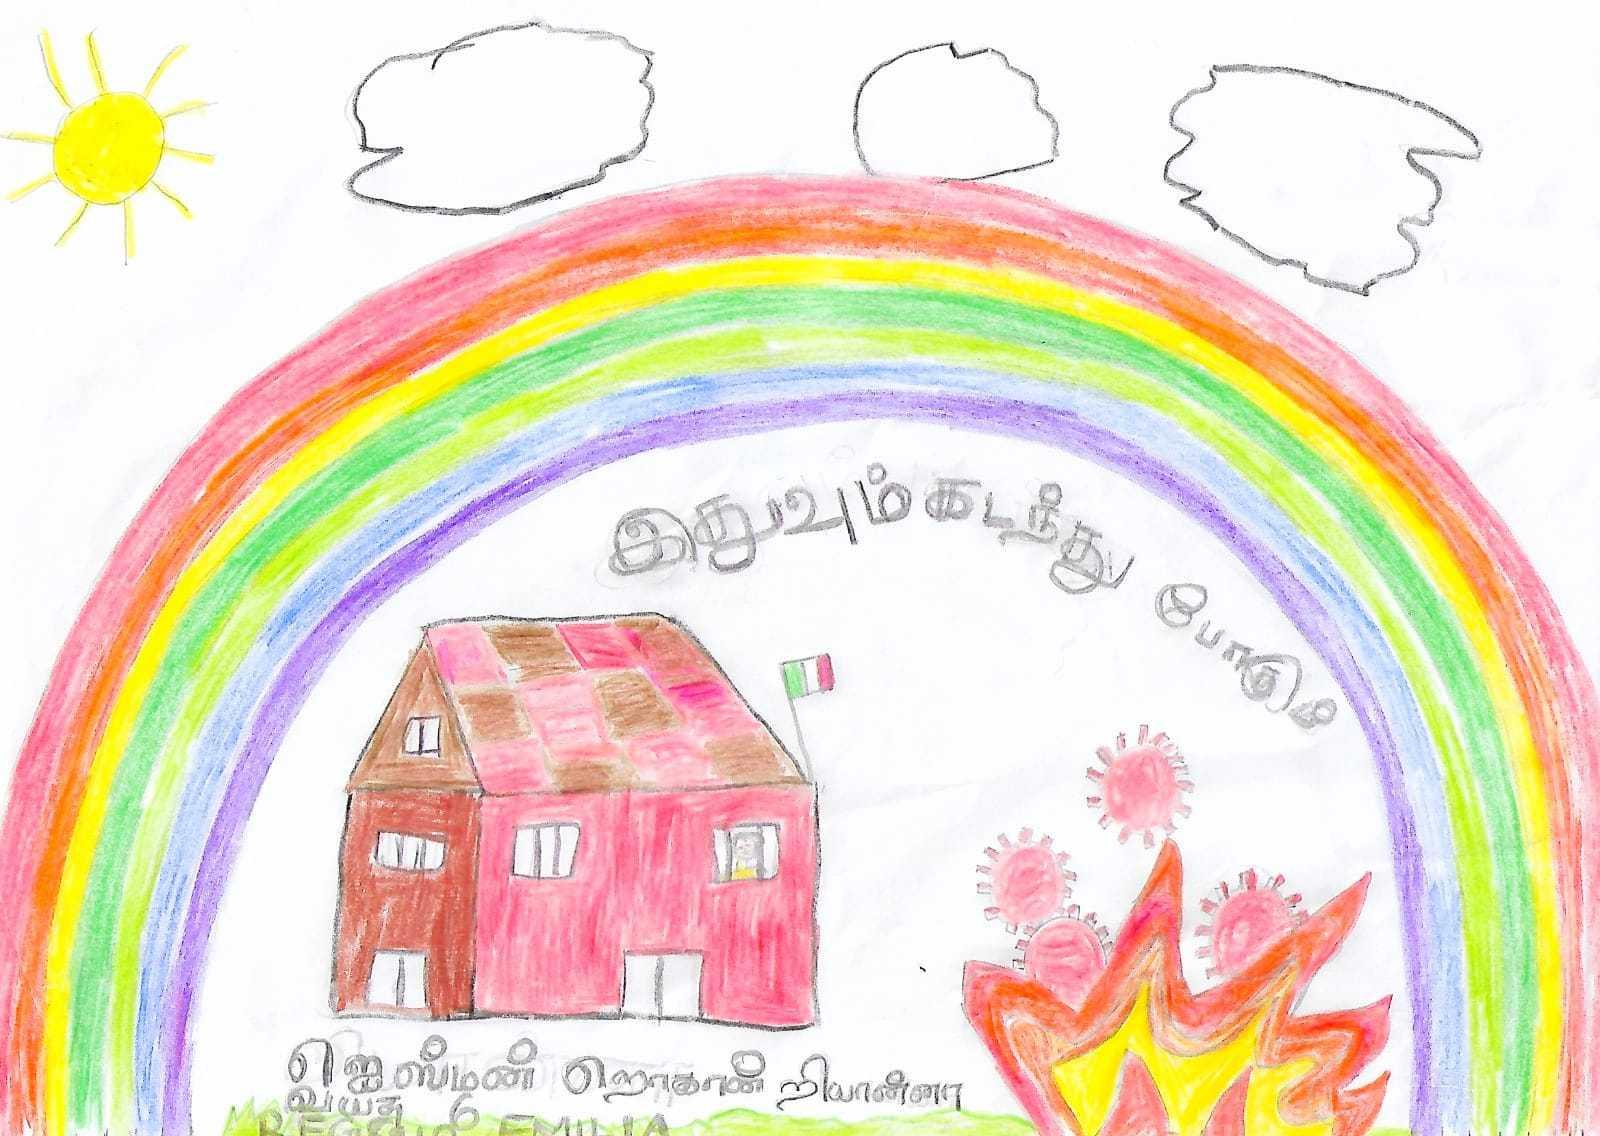 202004092035-Rianna-ReggioEmilia